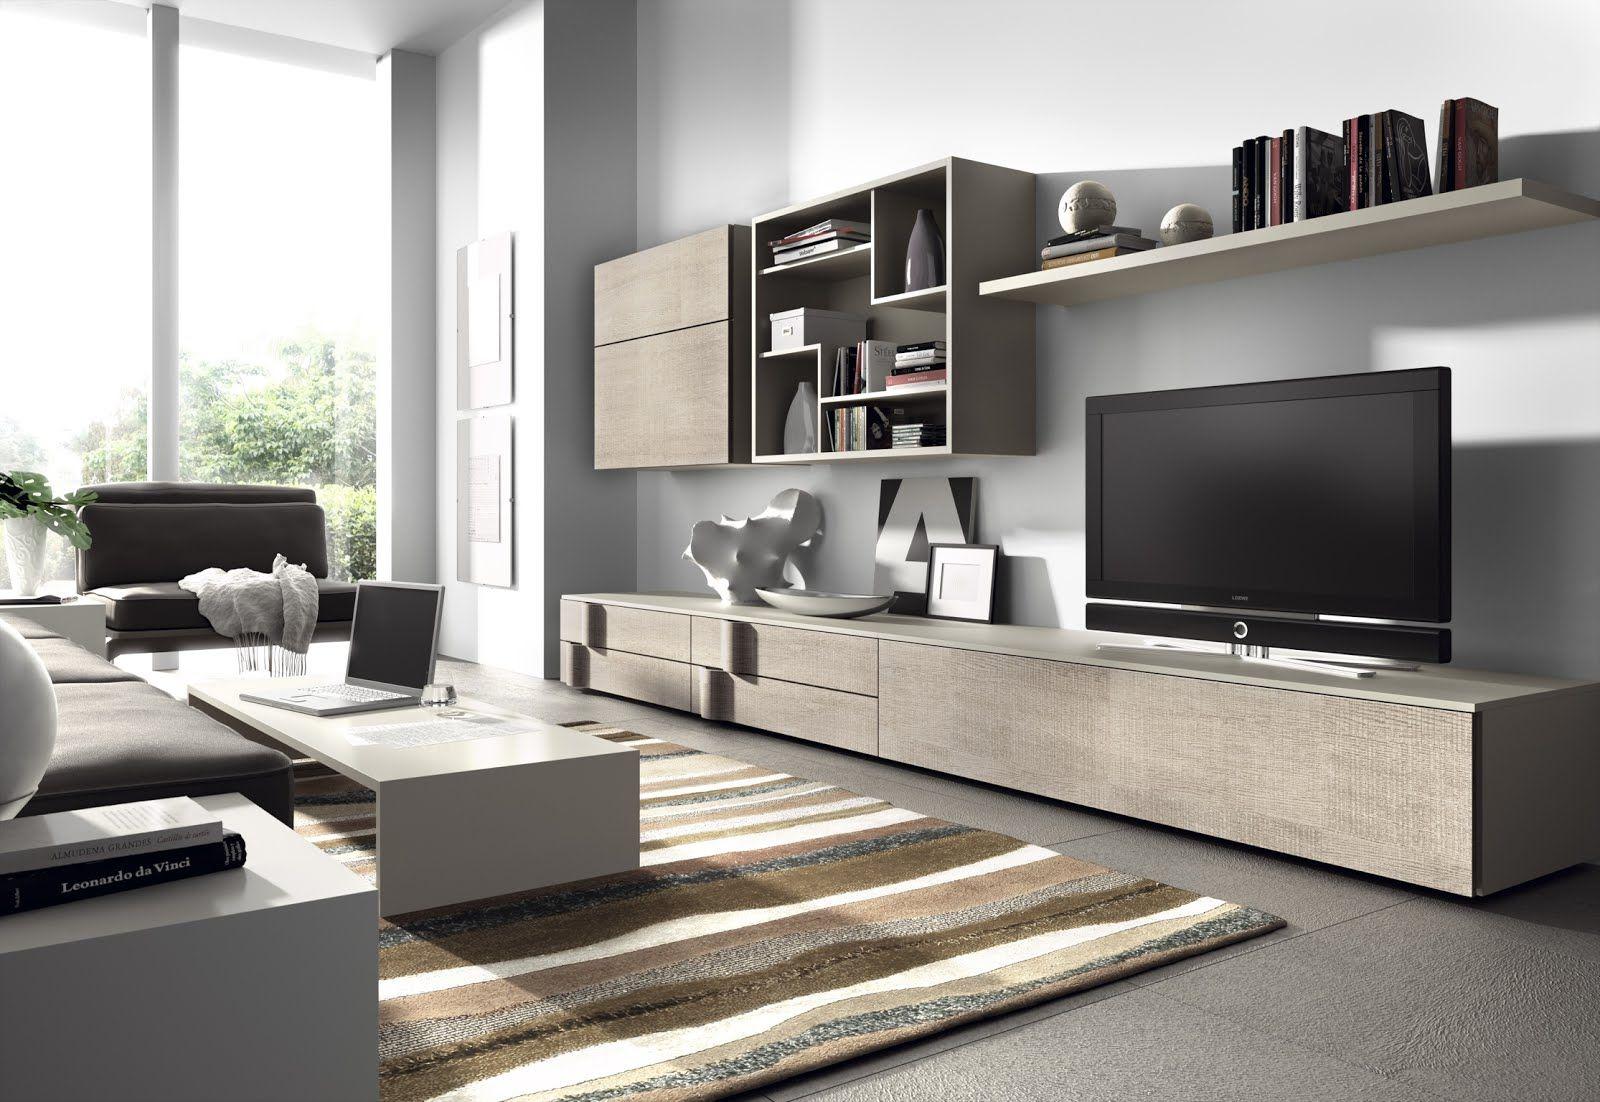 Tienda Muebles Modernos Muebles De Salon Modernos Salones De  # Muebles De Salon